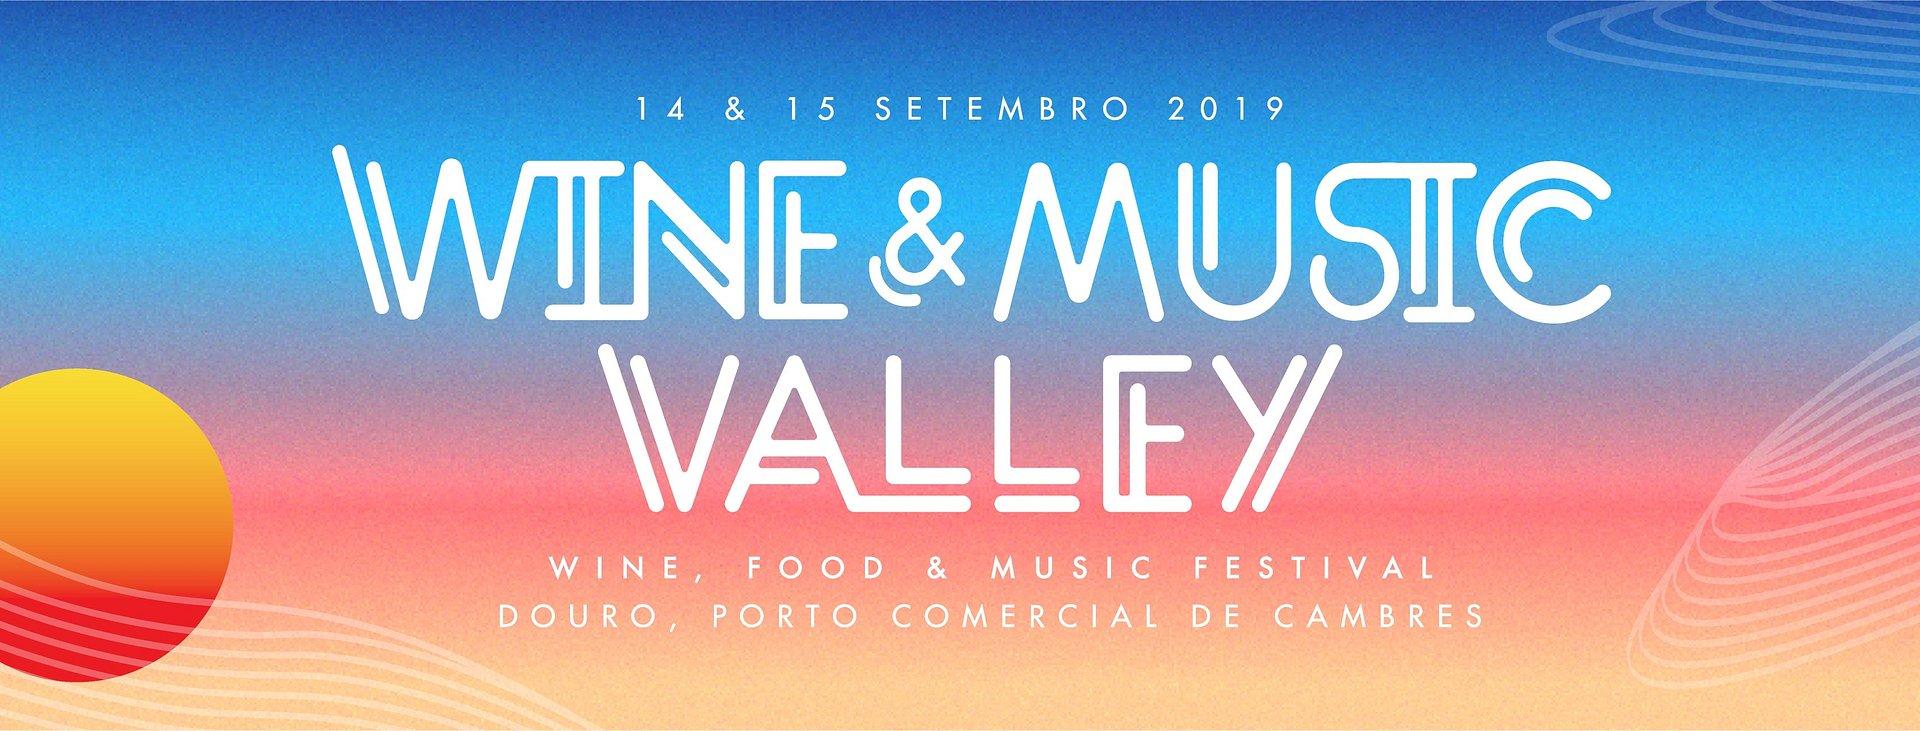 Wine & Music Valley| Acreditação de Imprensa